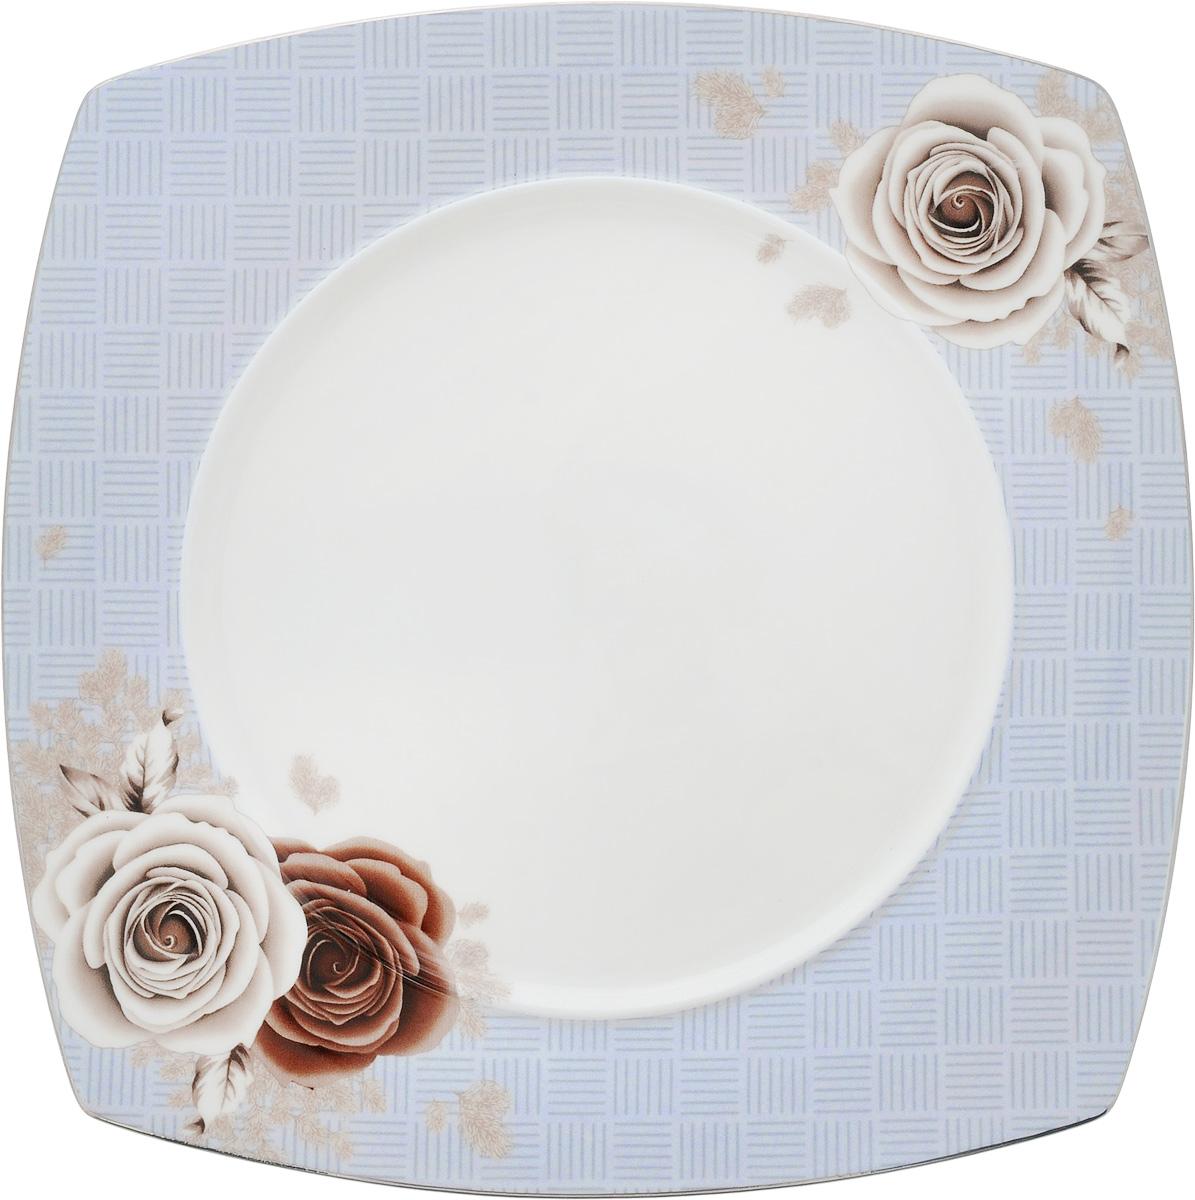 Тарелка Дэниш, 20 x 20 смPR7989Тарелка Дэниш изготовлена из качественного фарфора. Изделие декорировано цветочным рисунком. Такая тарелка отлично подойдет в качестве блюда для сервировки закусок и нарезок, ее также можно использовать как обеденную.